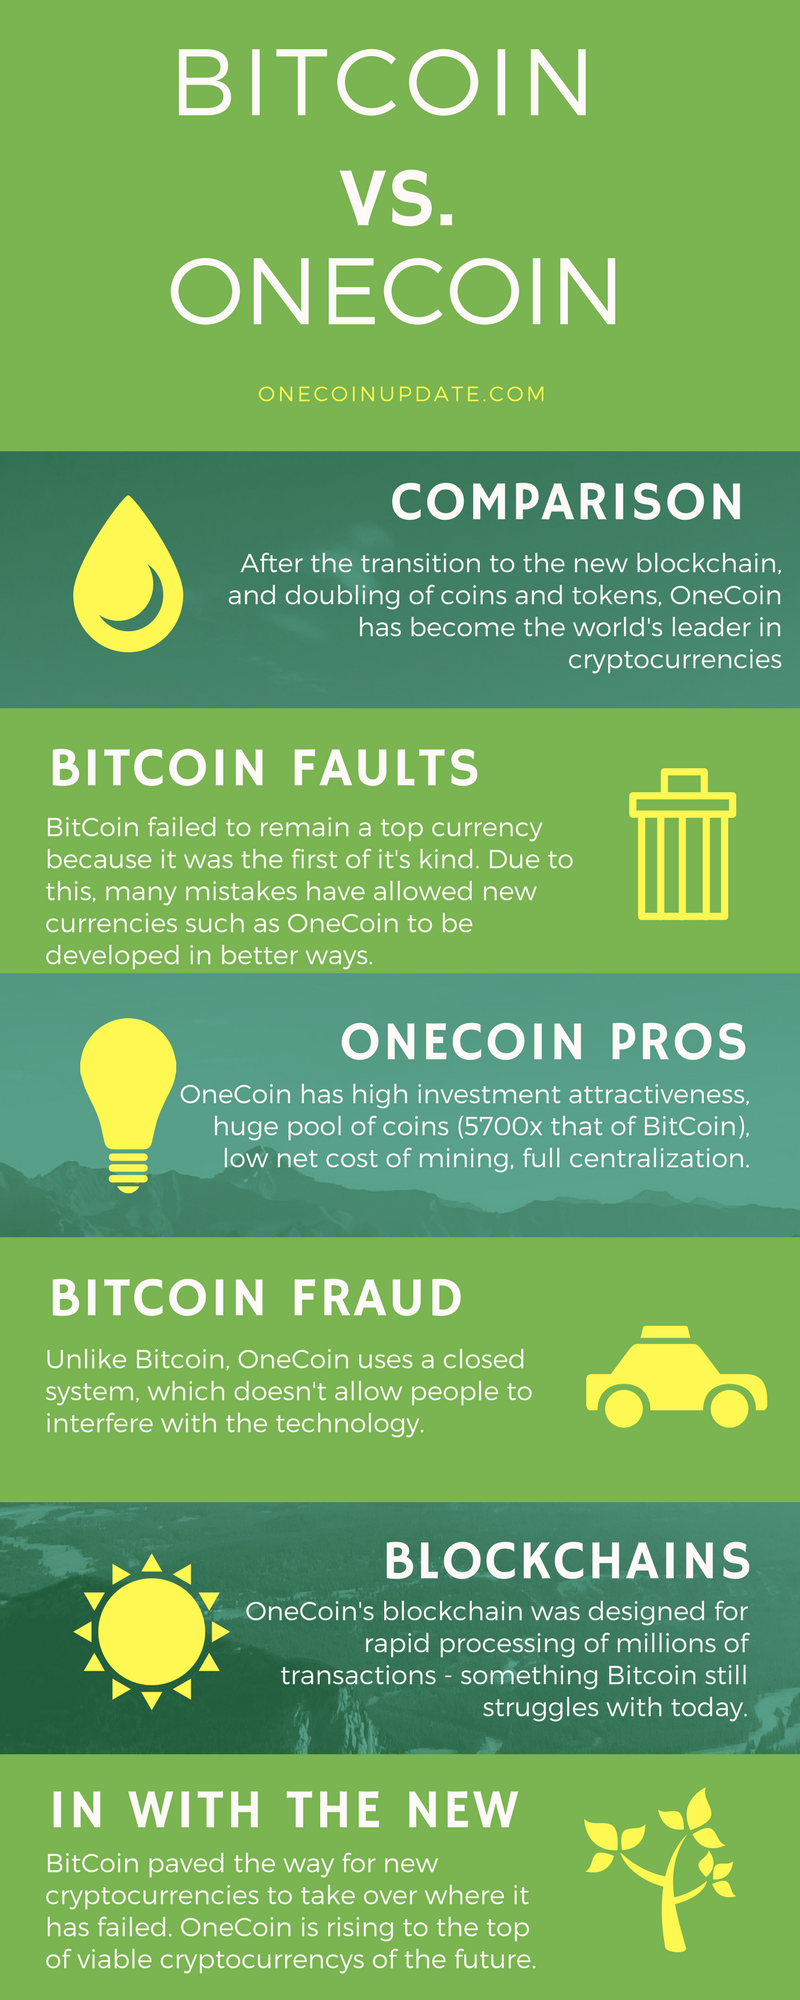 Bitcoin vs onecoin